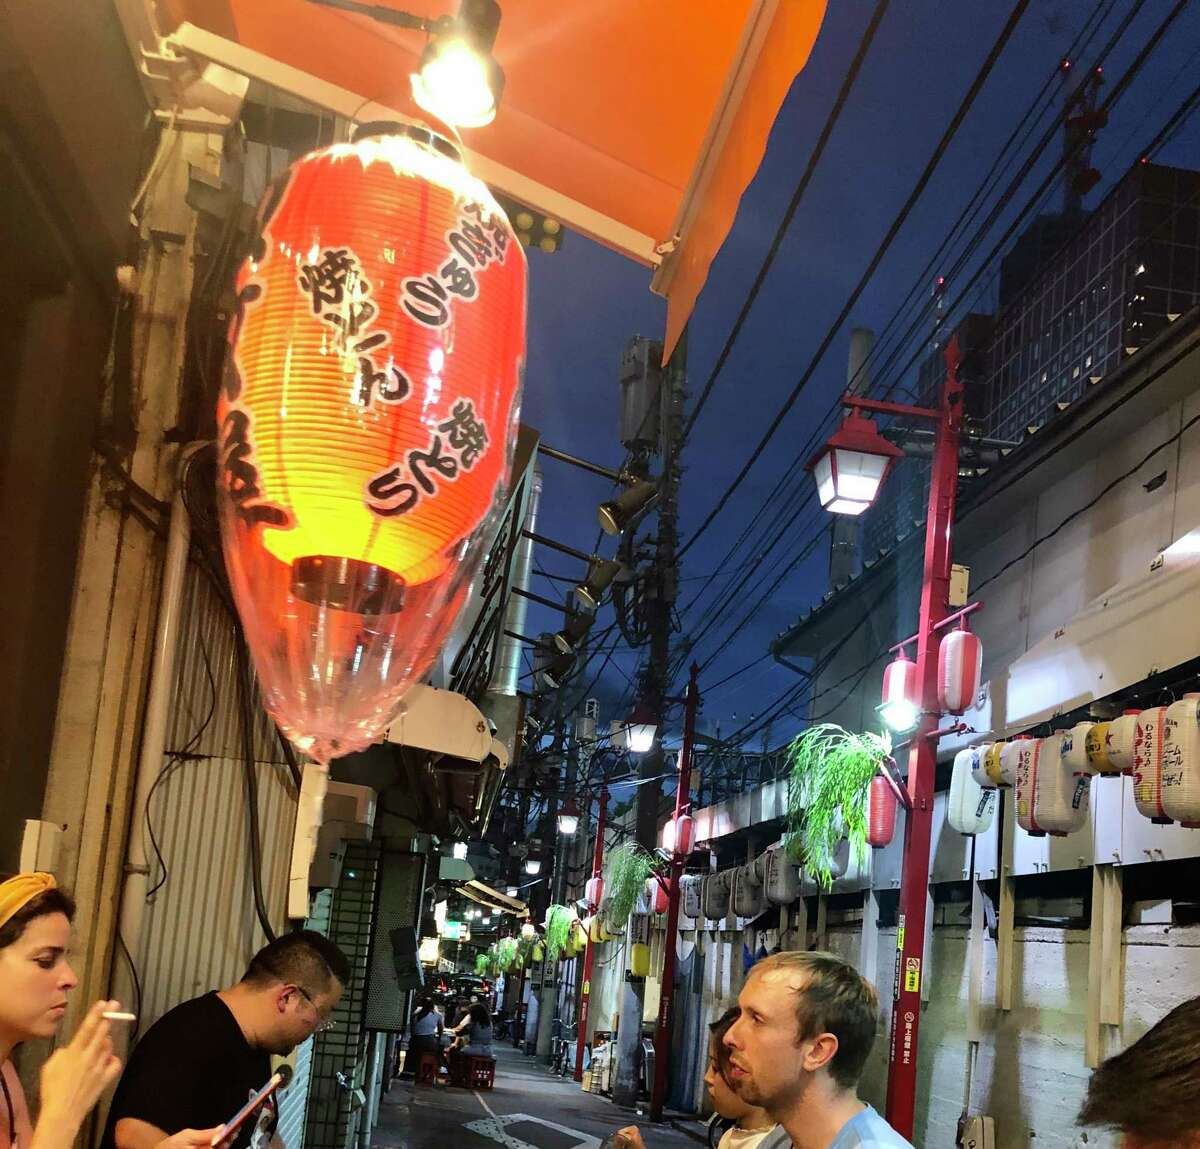 Taking a walk in Tokyo through the Shinjuku district.